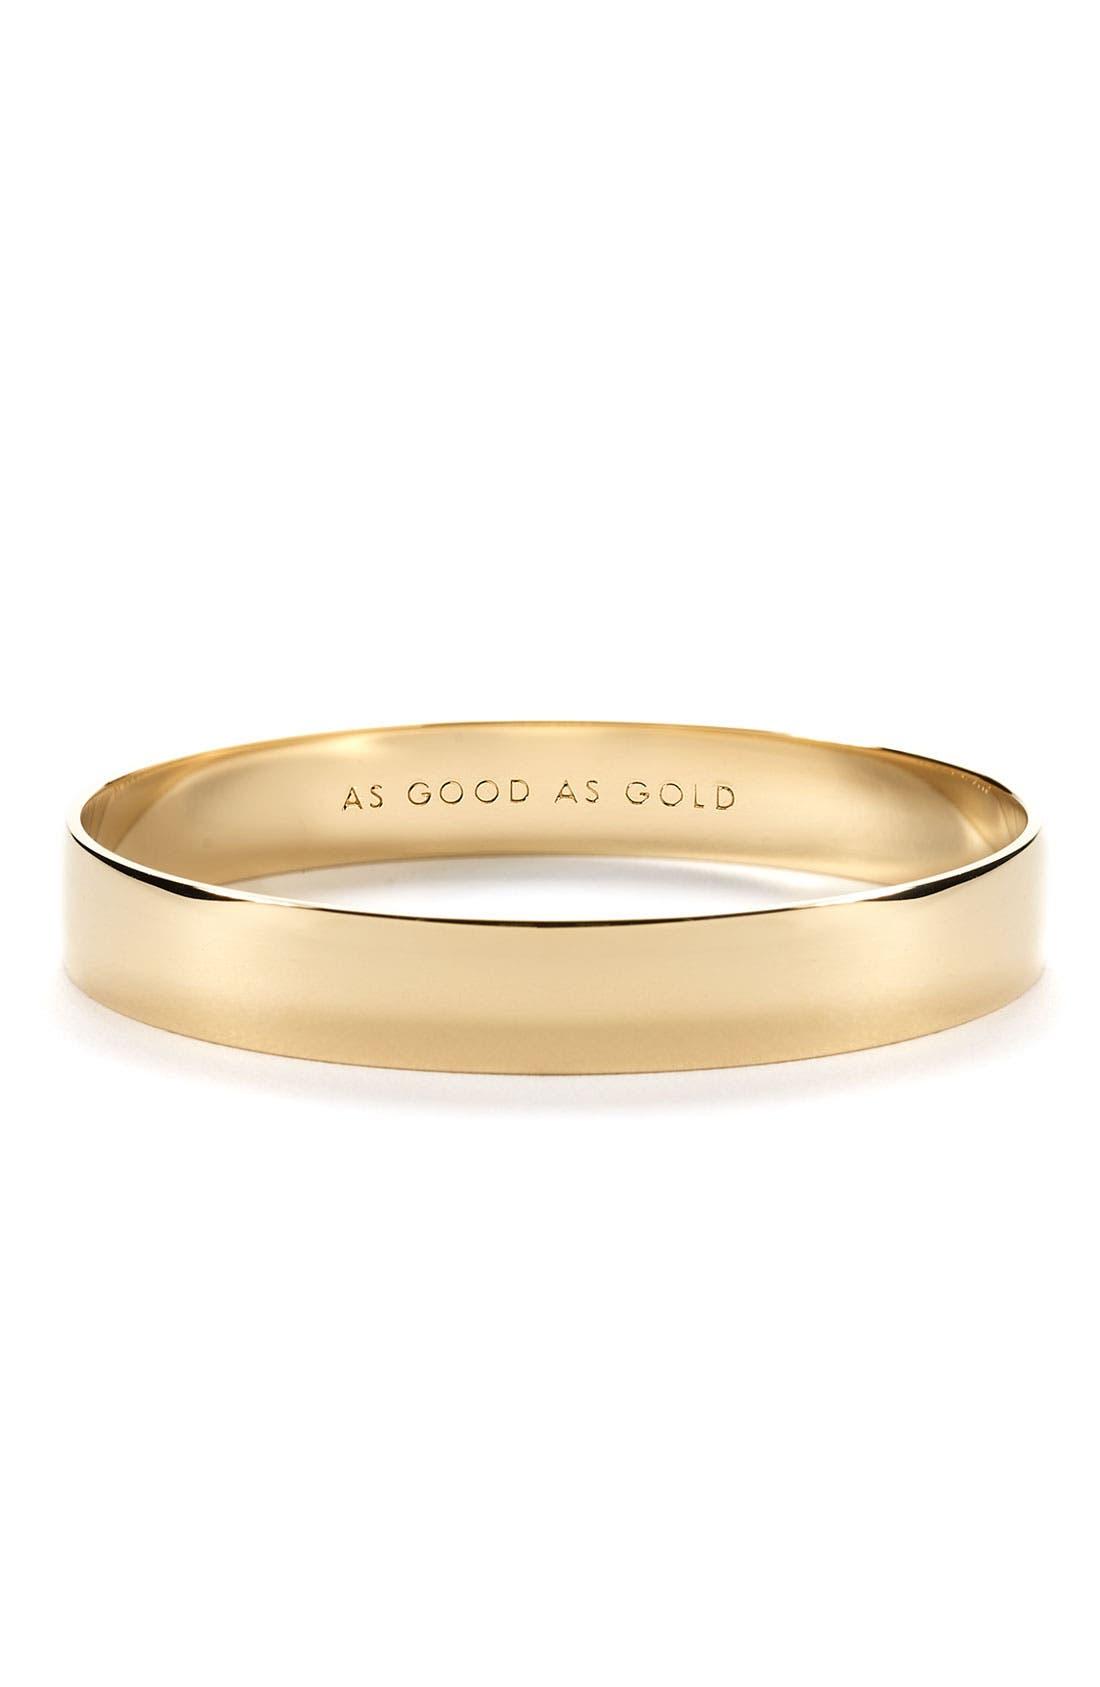 'idiom - good as gold' bangle,                             Main thumbnail 1, color,                             Gold